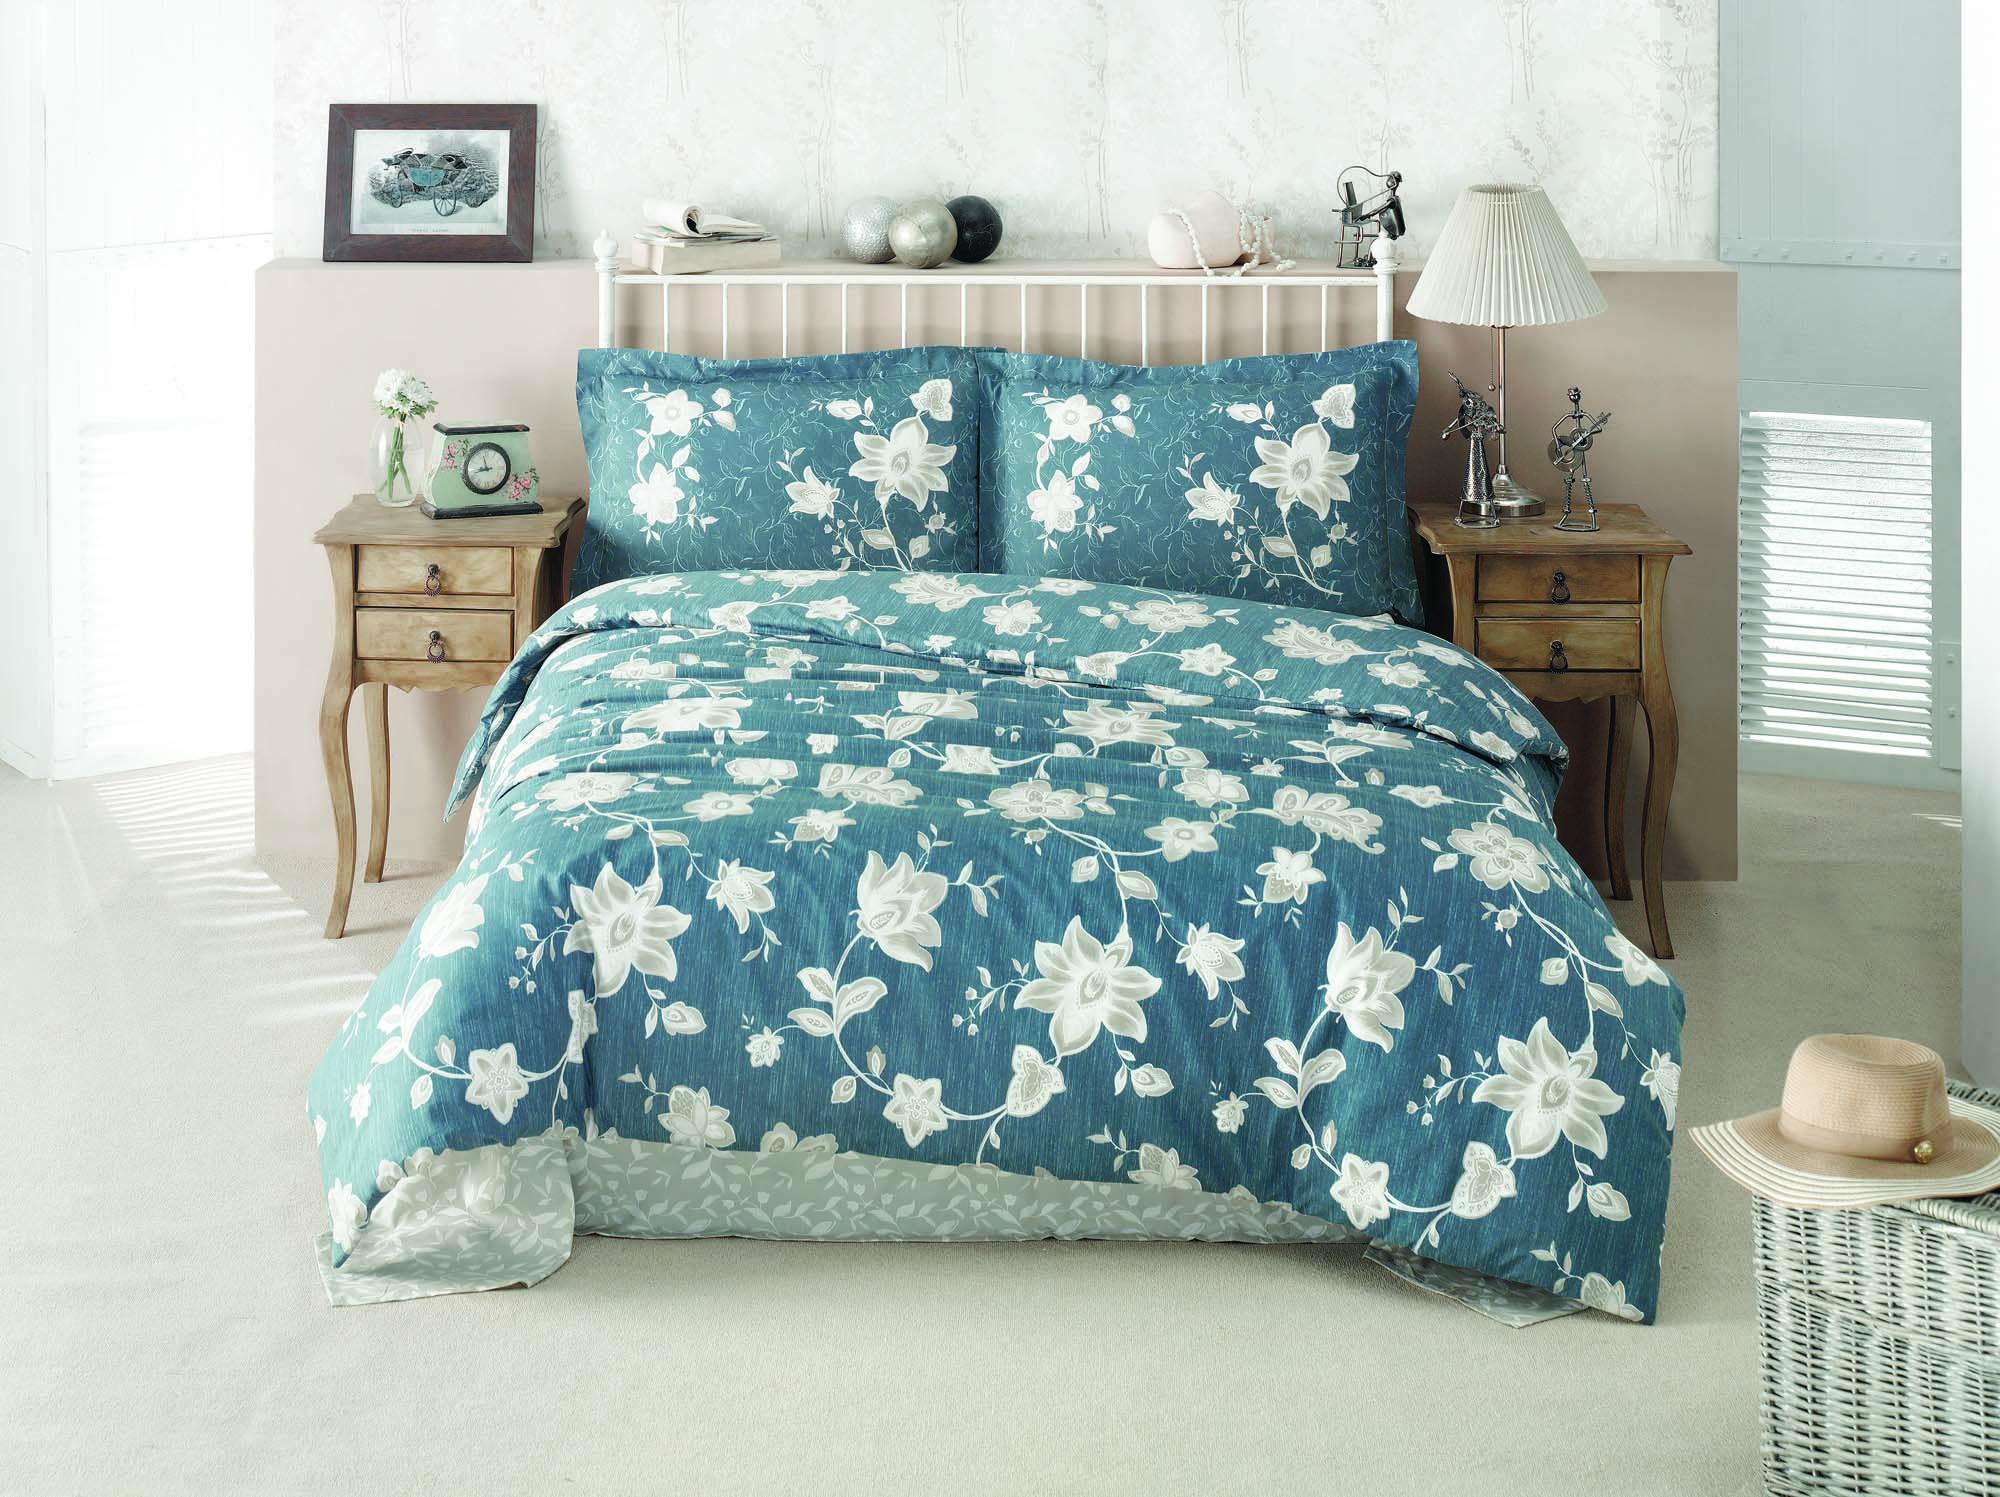 Комплект белья Clasy Belinay, семейный, наволочки 50х70, цвет: синийVT-1520(SR)Комплект постельного белья Clasy Belinay изготовлен в Турции из высококачественного ранфорса на одной из ведущих фабрик.Выбирая постельное белье Clasy Belinay вы будете приятно удивлены качественной выделкой ткани, красивыми и модными расцветками, а так же его отличным качеством. Все наволочки у комплектов Clasy Belinay имеют клапан без пуговиц и молнии. Все пододеяльники с пуговицами.